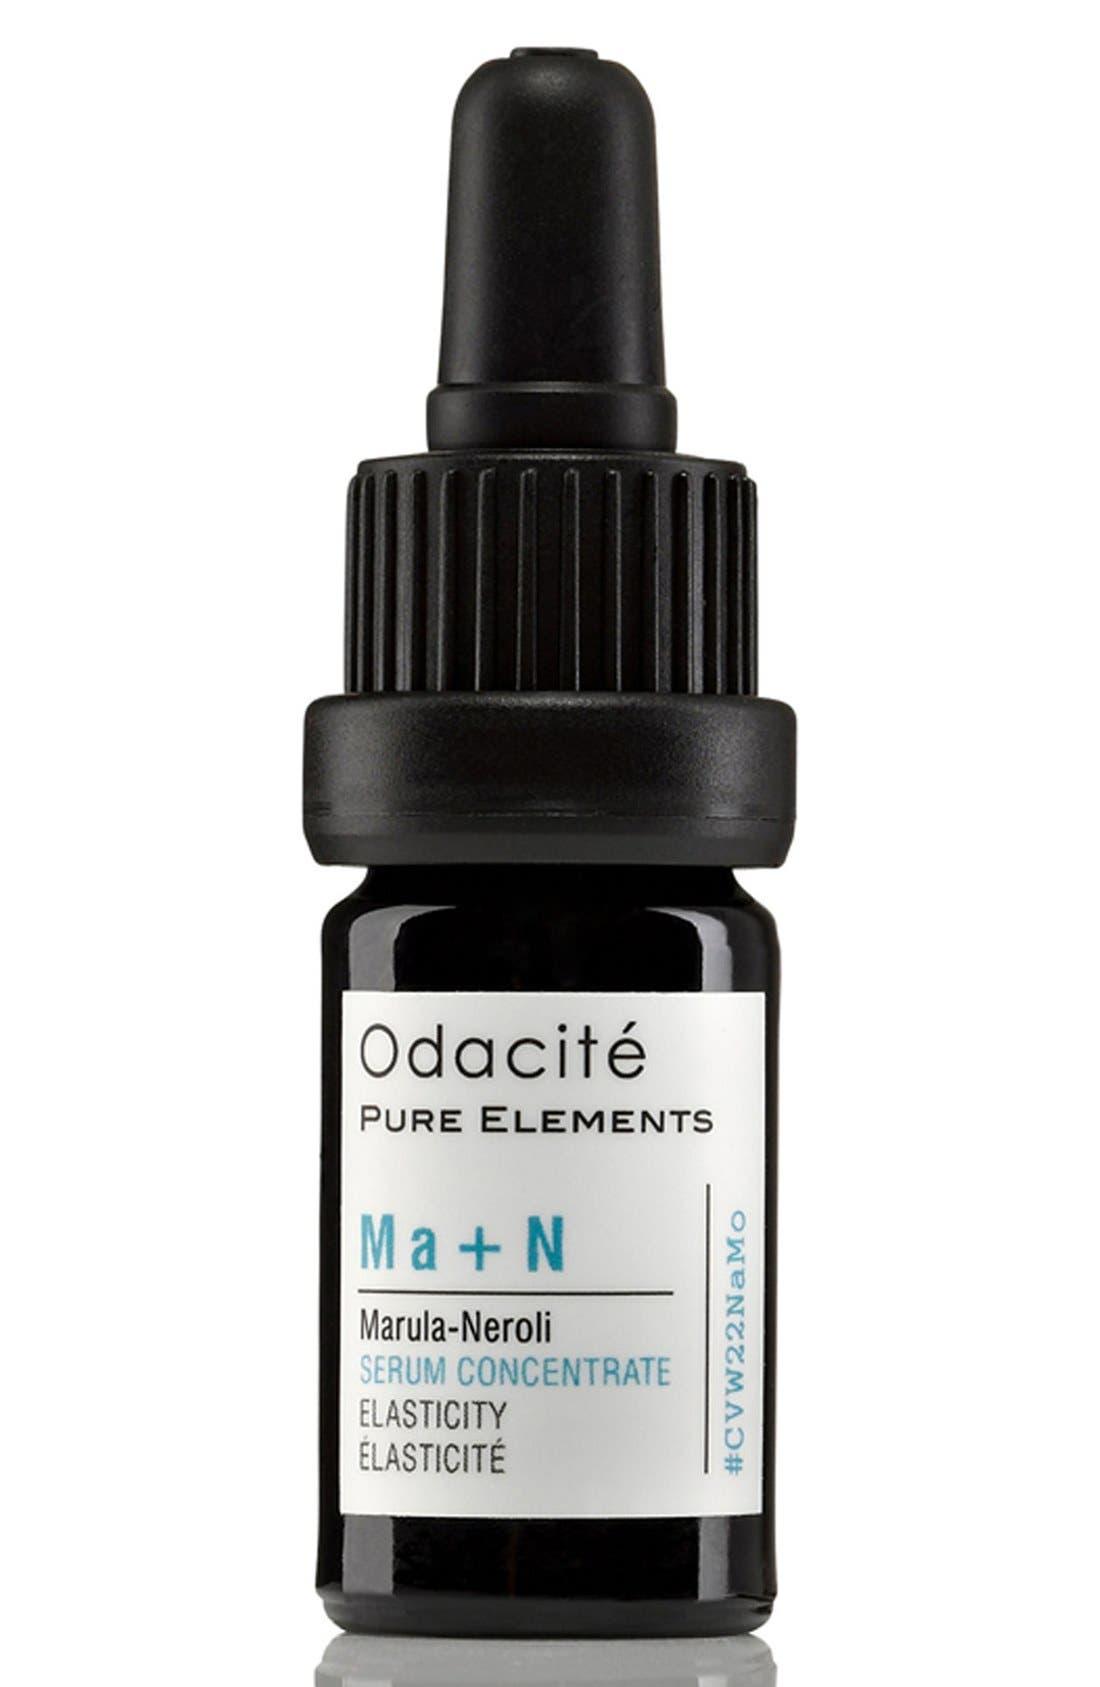 Odacité Ma + N Marula-Neroli Elasticity Serum Concentrate